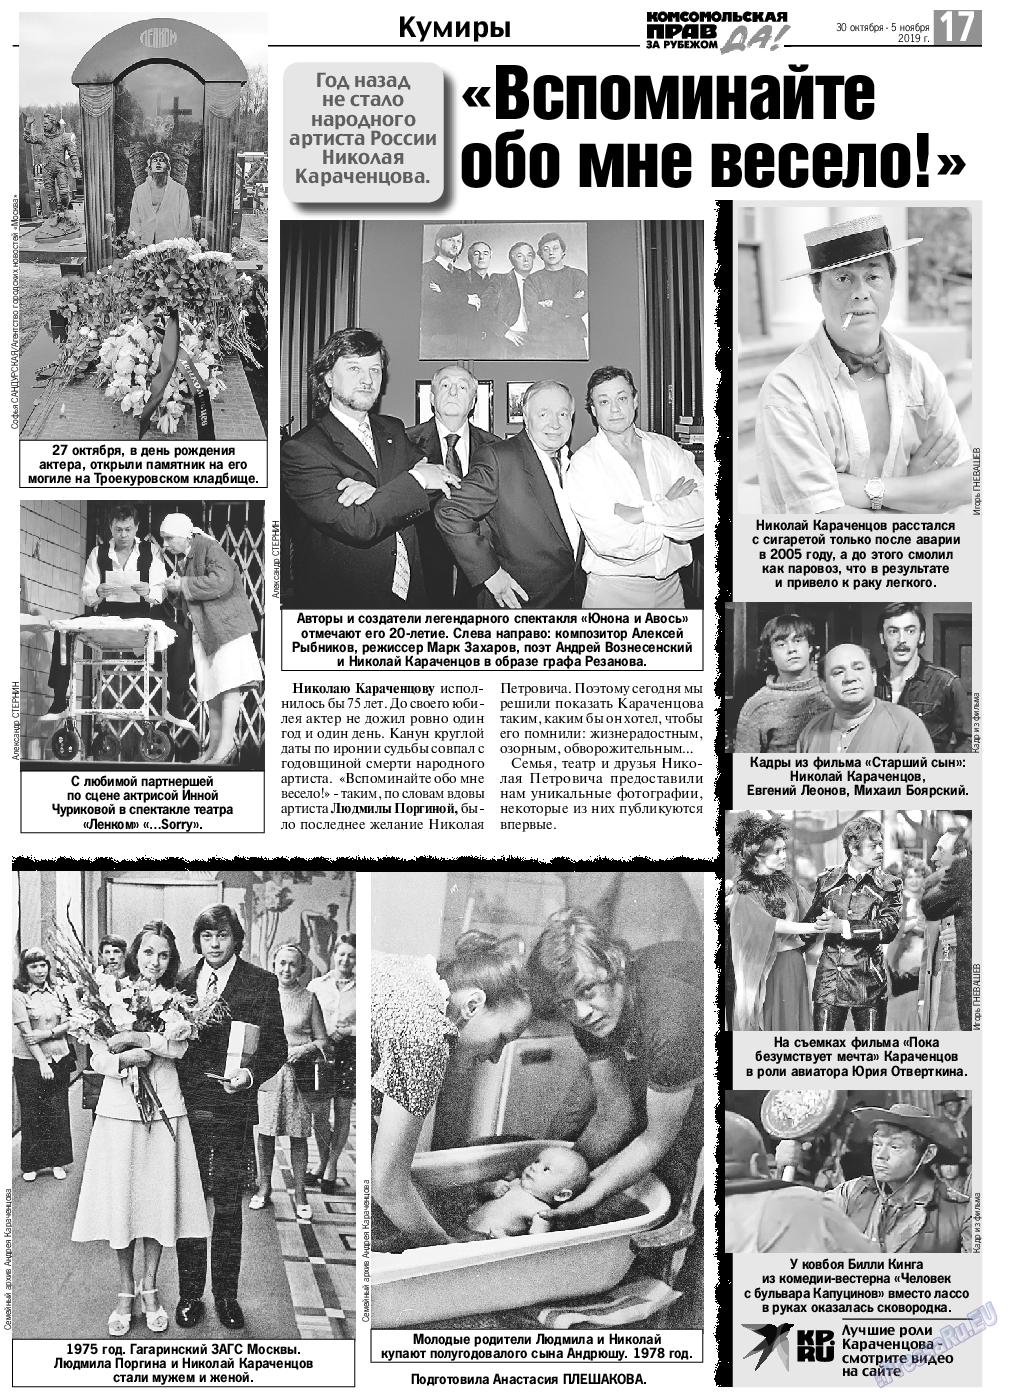 КП в Европе (газета). 2019 год, номер 44, стр. 17